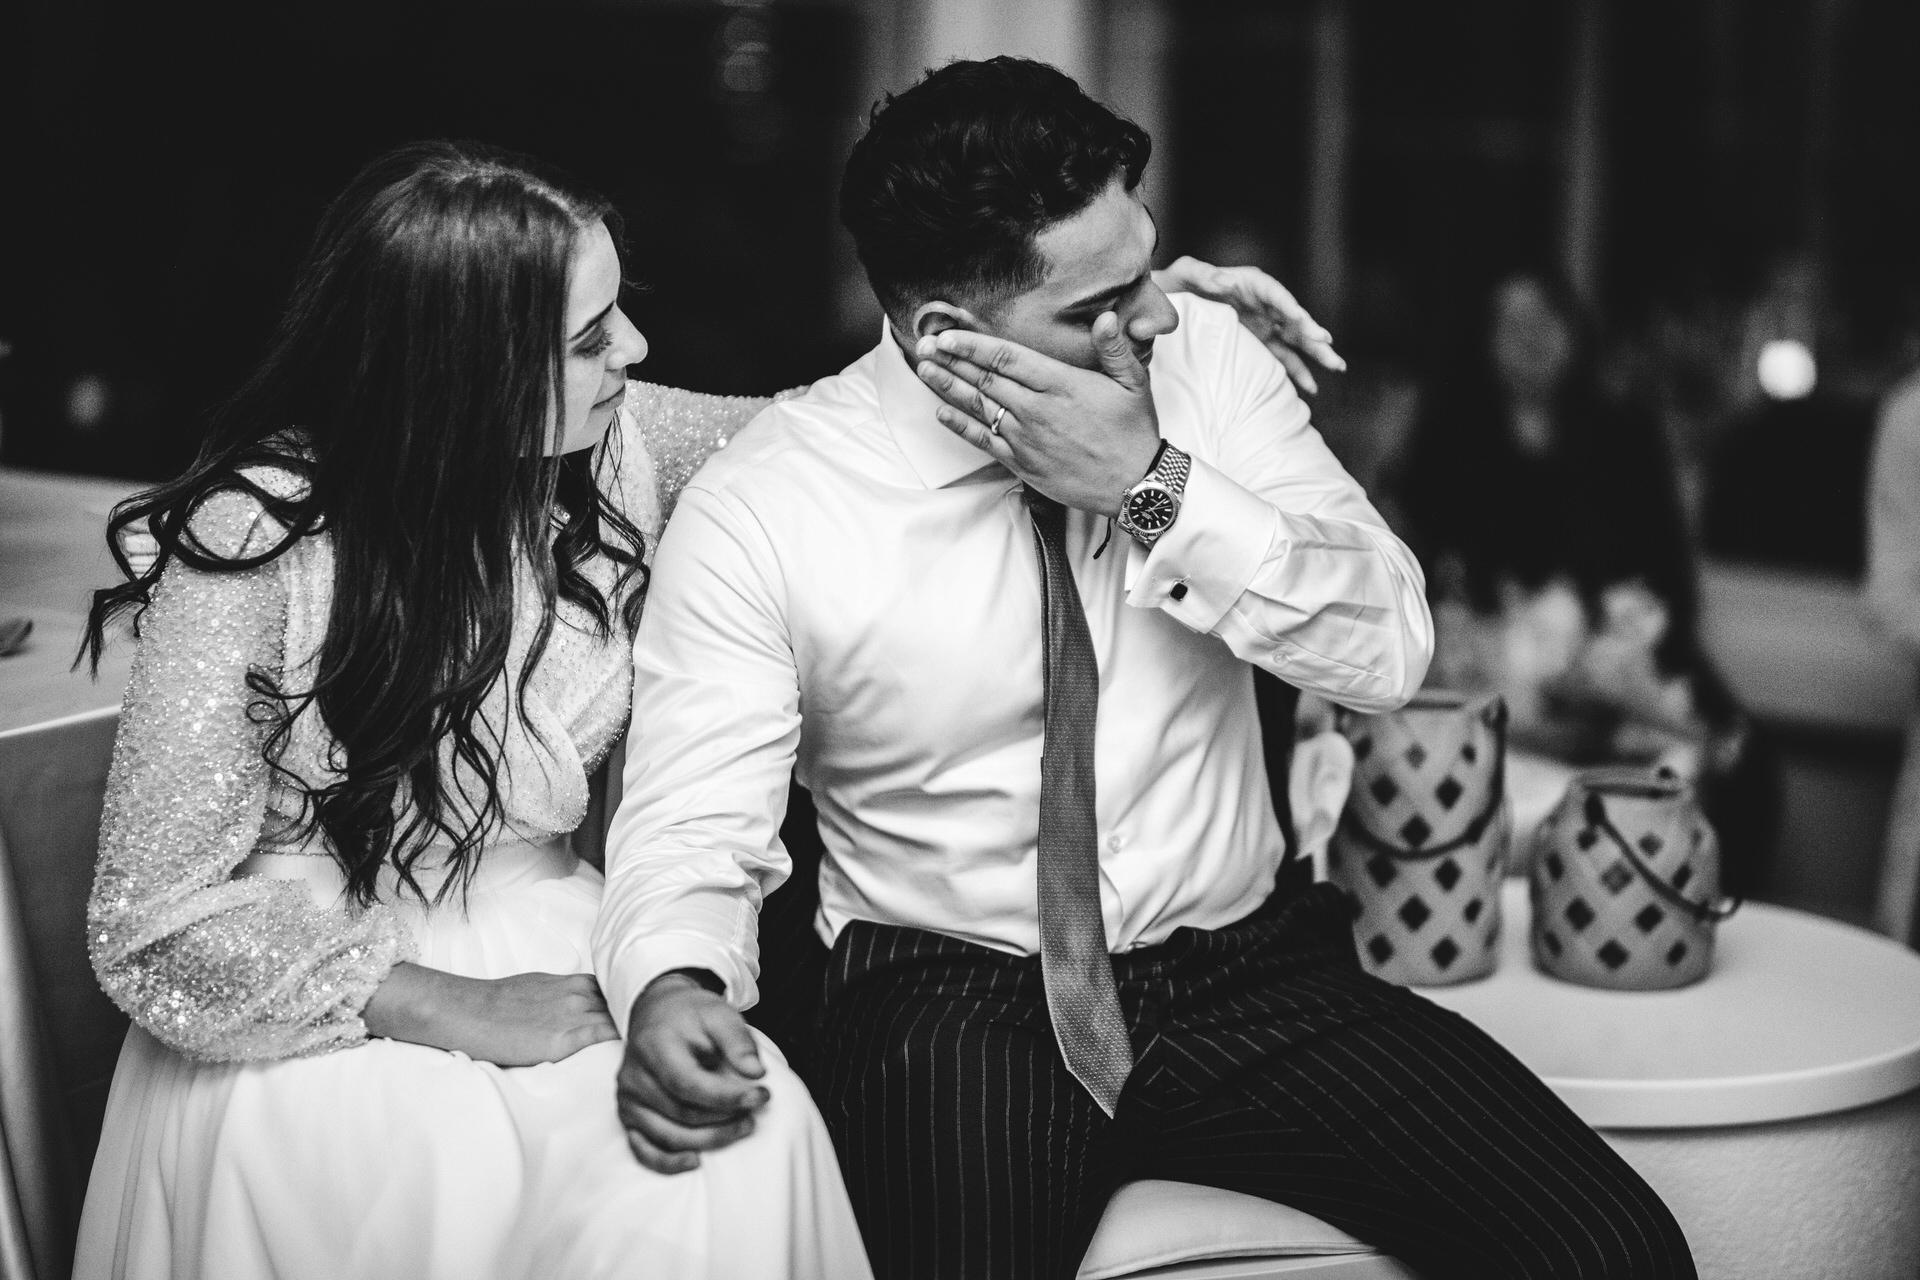 Zürich Elopement Venue Image | Les mariés s'assoient l'un à côté de l'autre pendant la réception